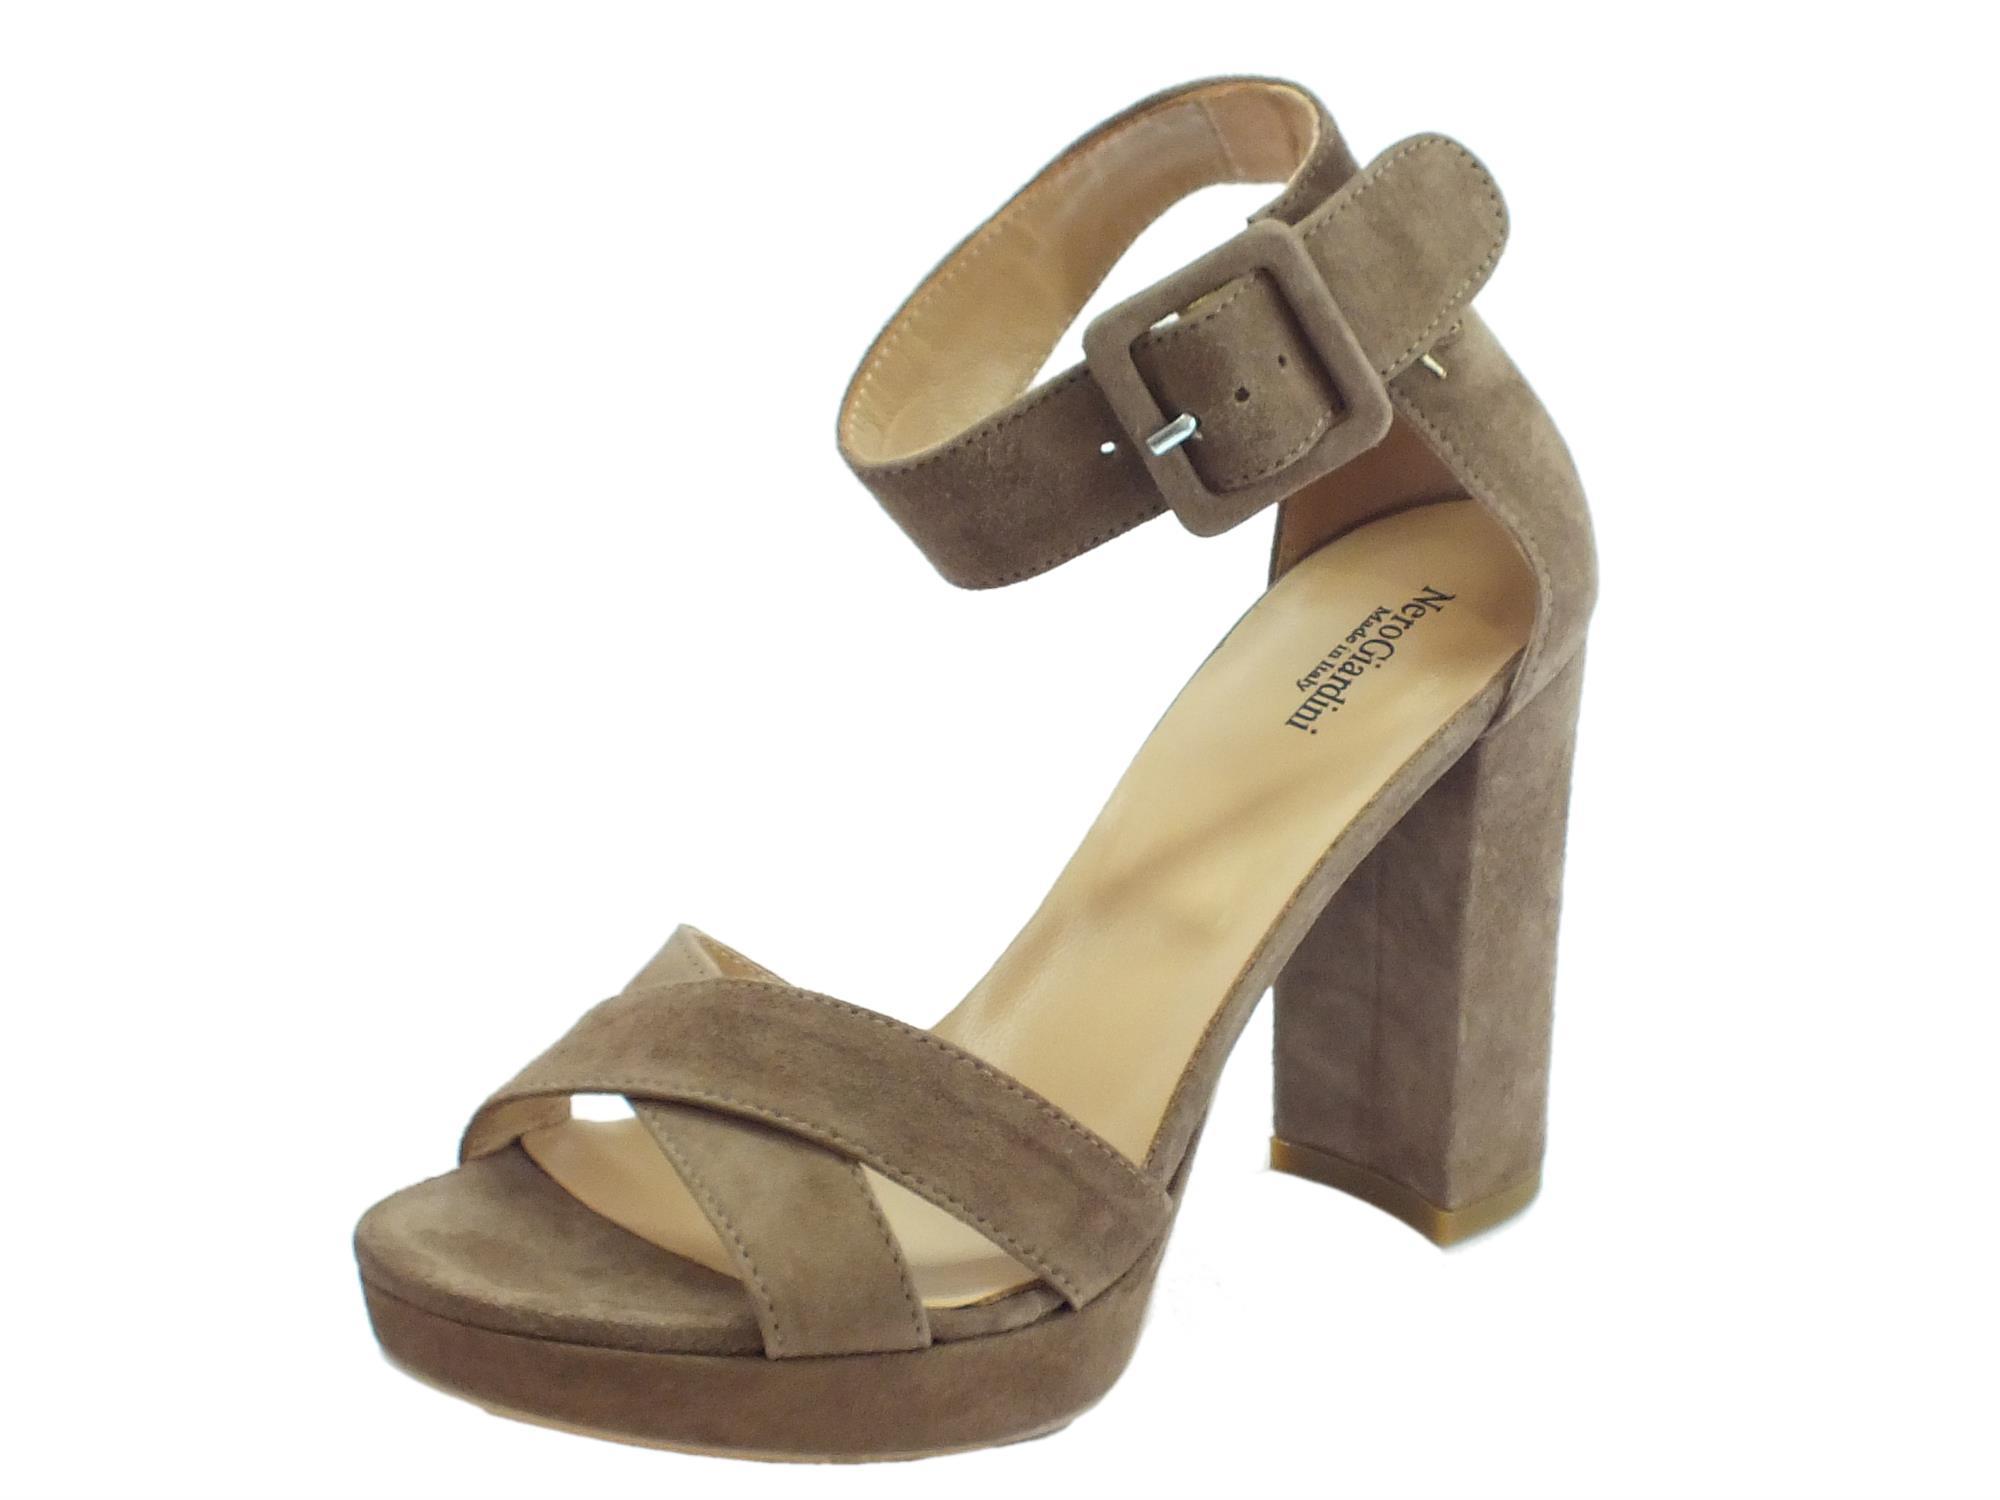 Sandali per donna NeroGiardini in camoscio colore talpa tacco alto e plateau 7006f9120b6